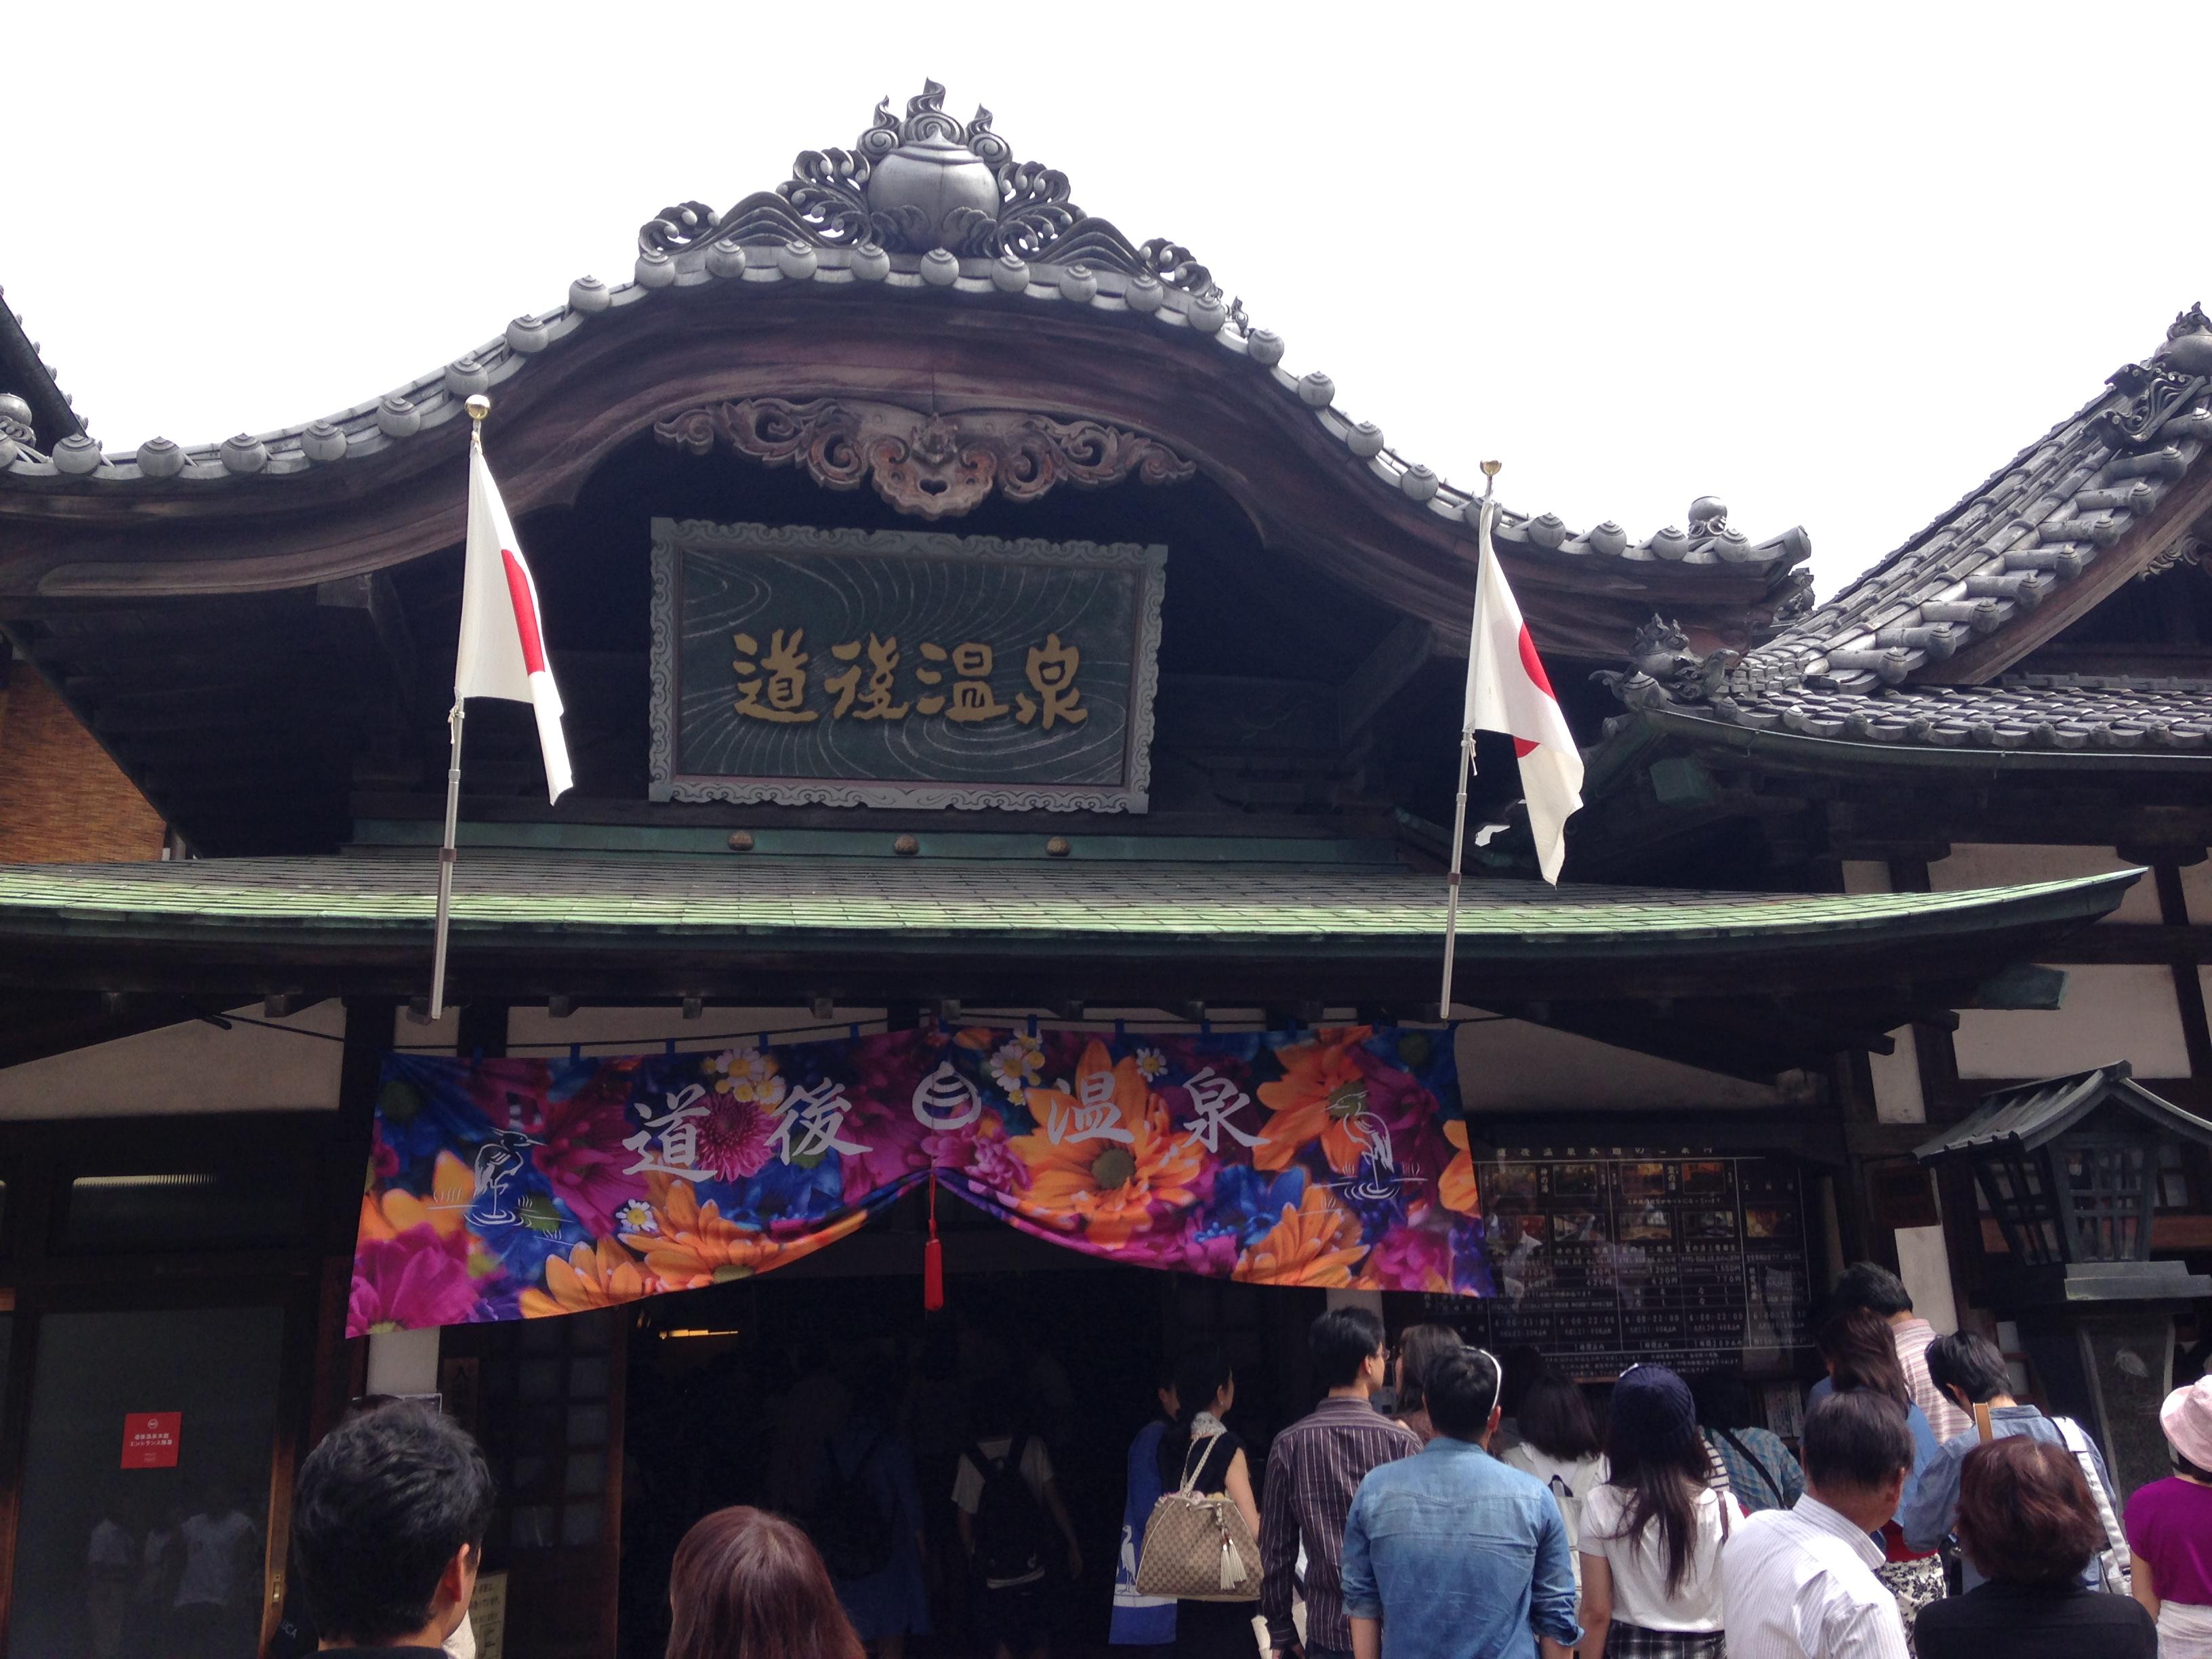 道後温泉に行ってきました!松山の旅の締めくくりにオススメです。